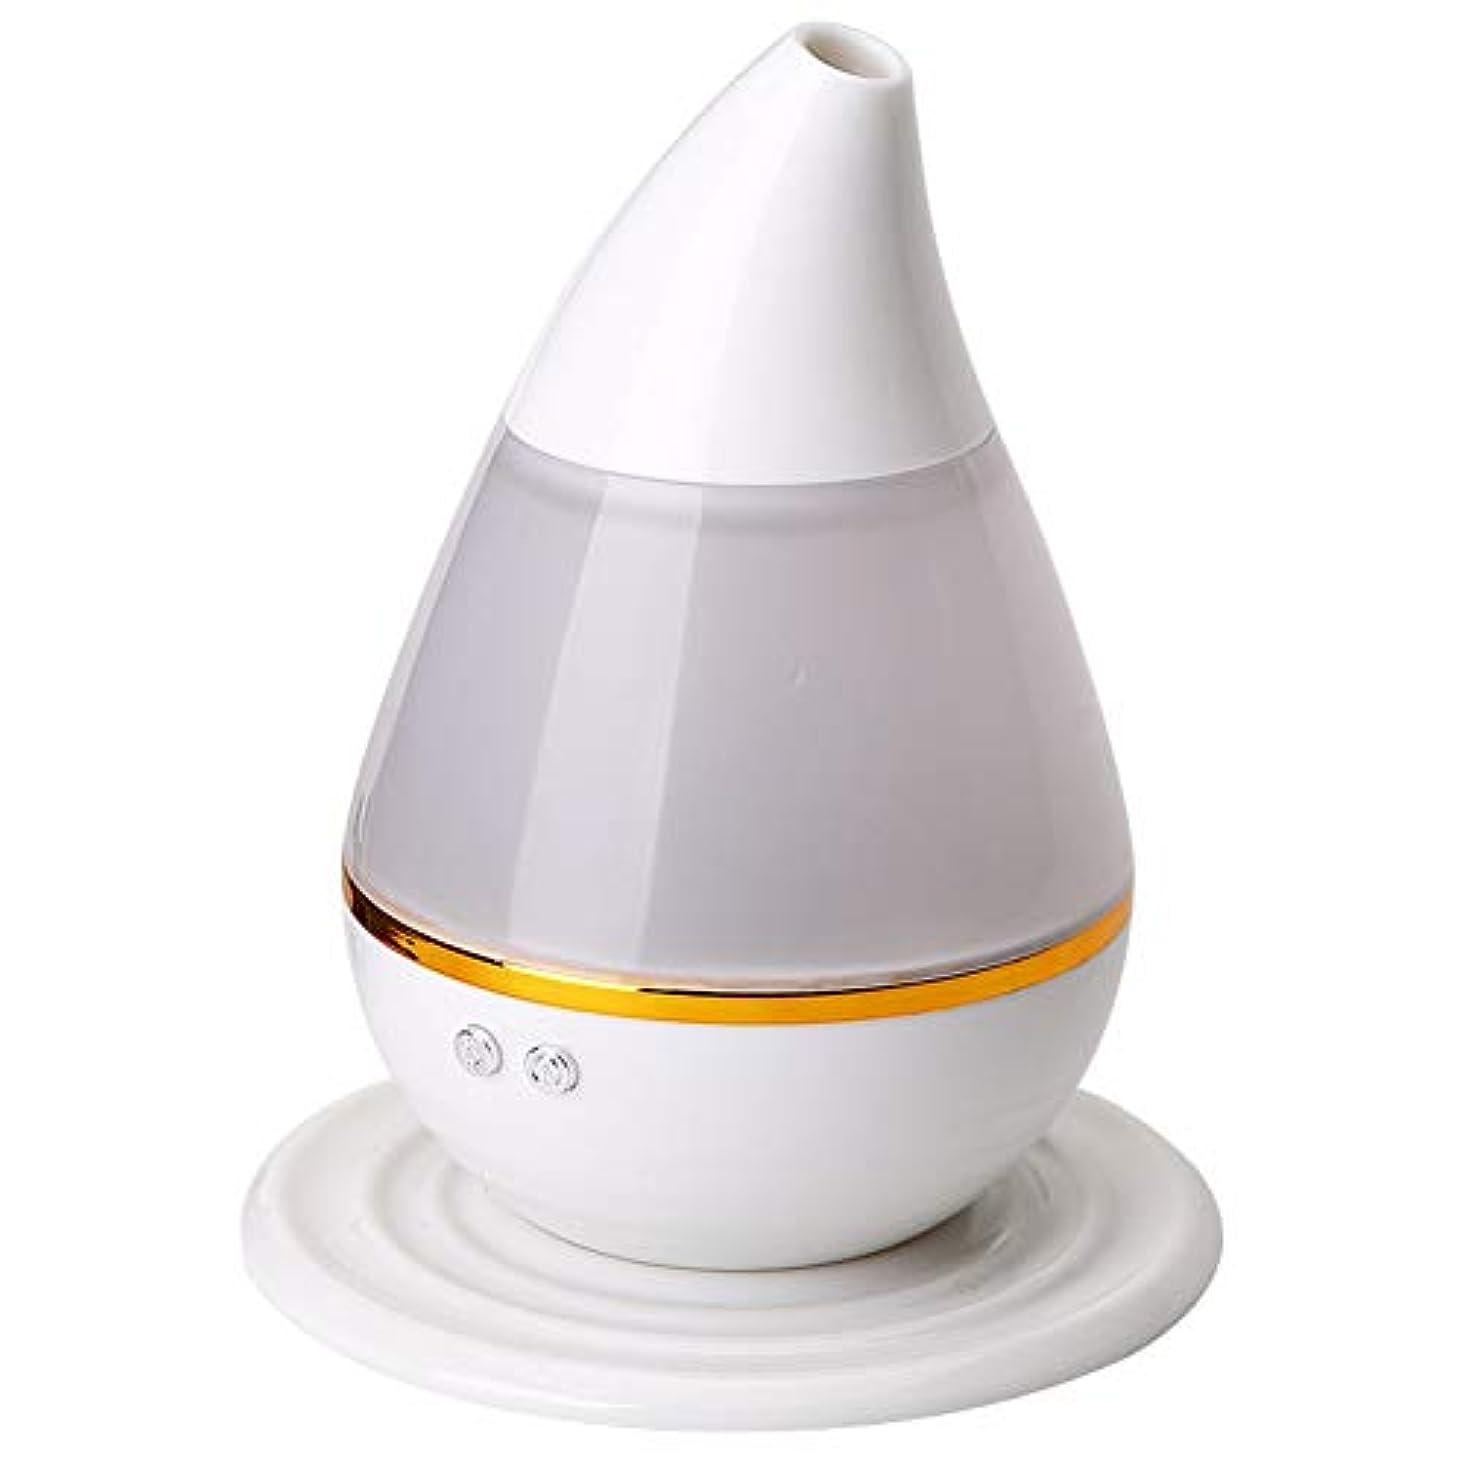 戸惑うぶどう舌なエッセンシャル オイル ディフューザー, 涼しい霧の加湿器 7色LEDムードランプ そして 自動シャットオフ アロマディフューザー の ホーム オフィス Yoga 車-ホワイト 12x15cm